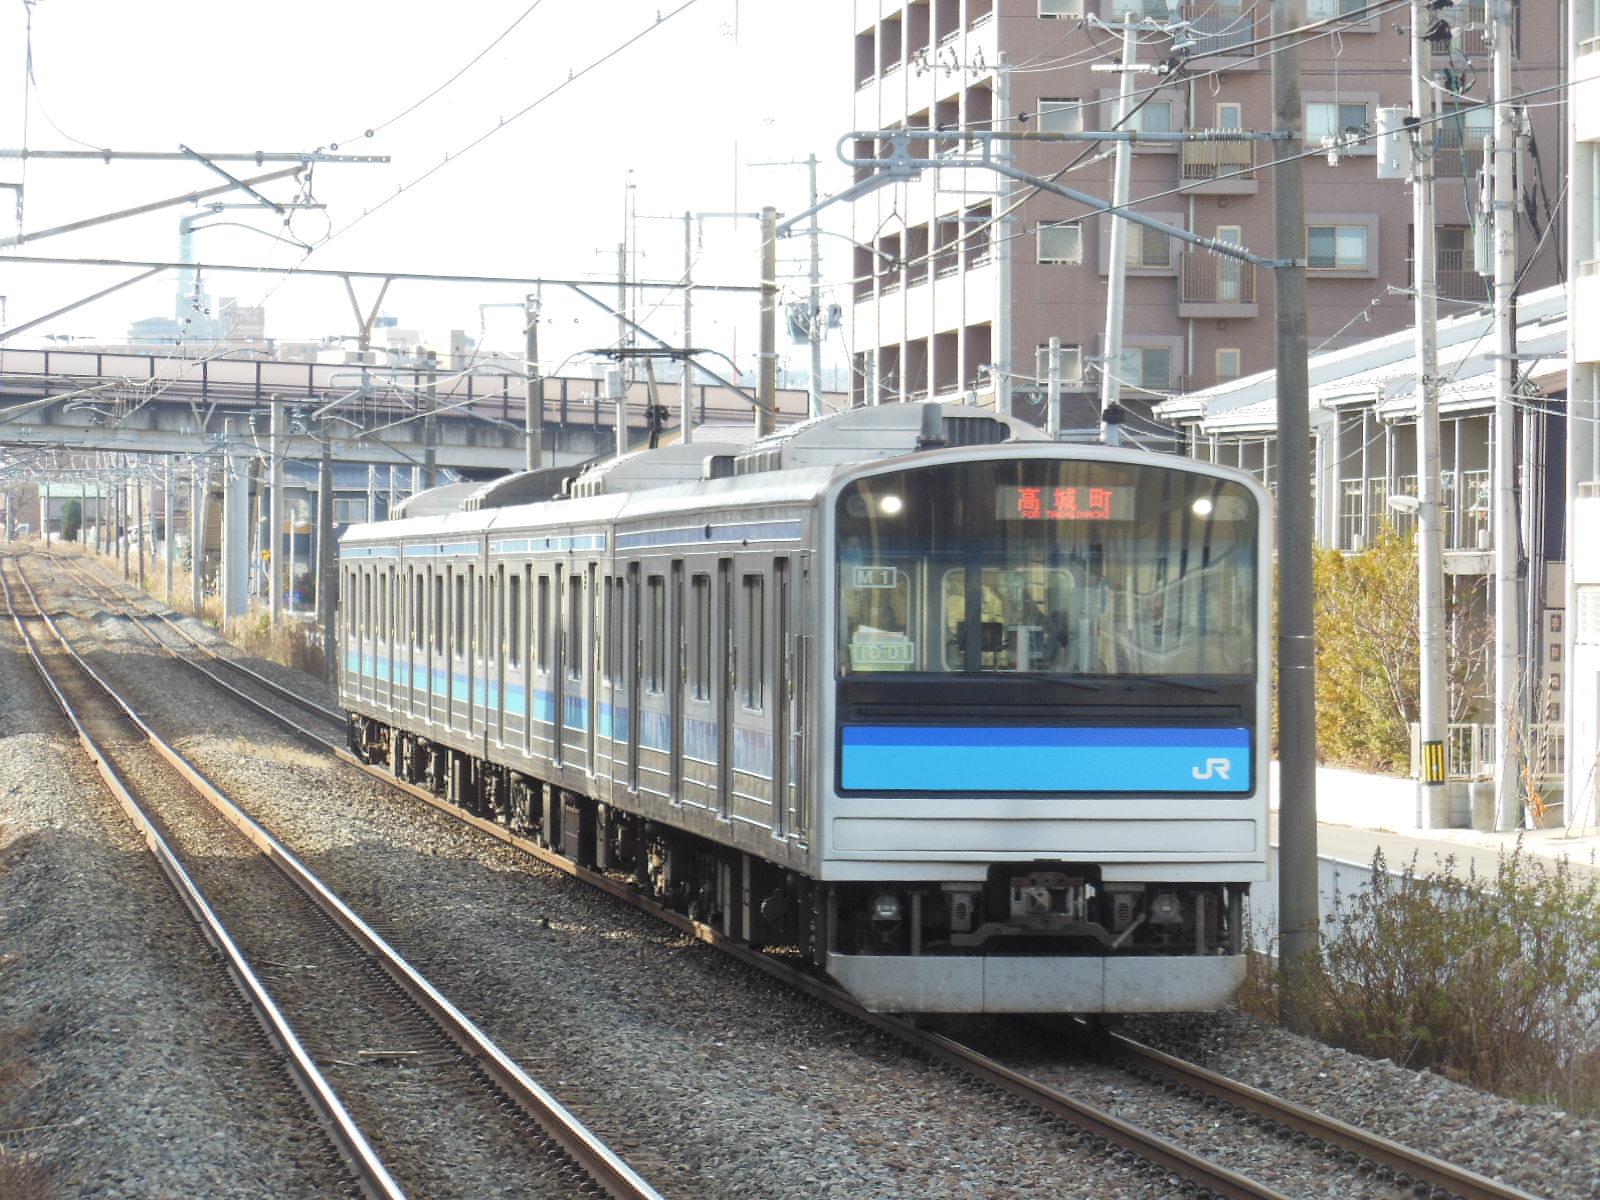 DSCN6615.jpg